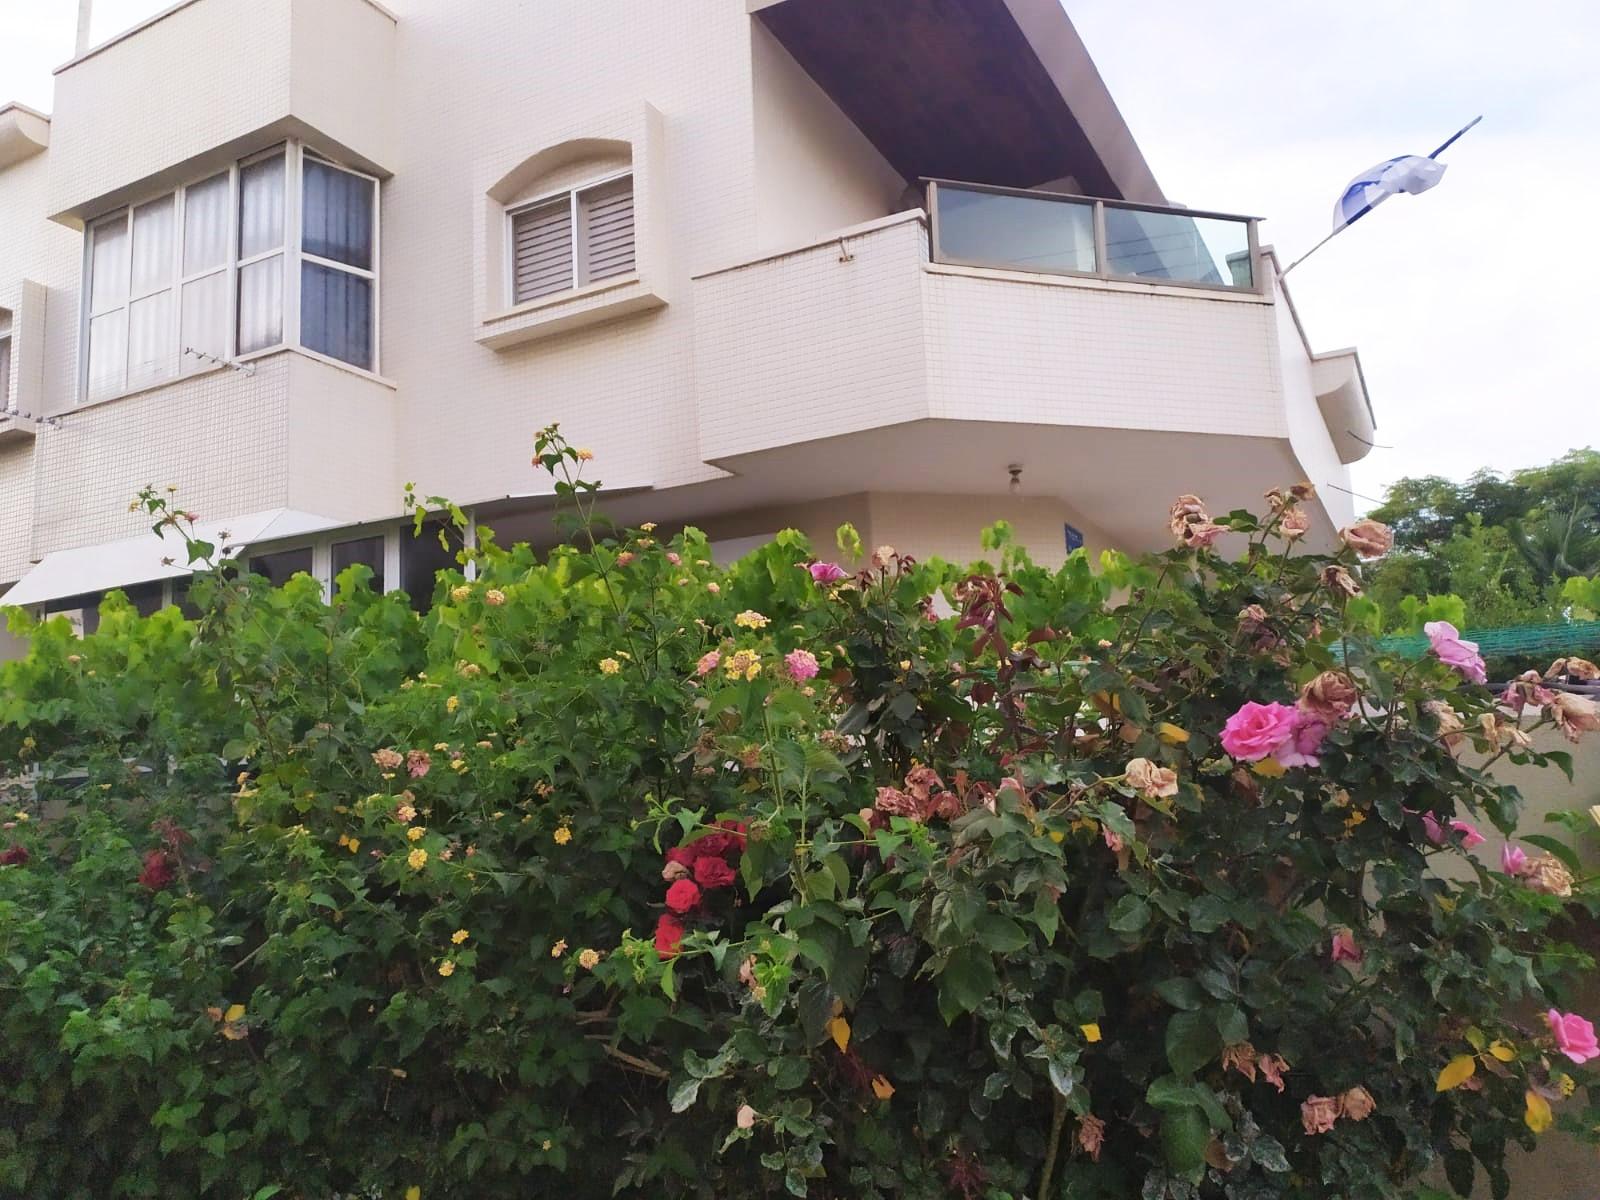 בית פרטי למכירה 7 חדרים 6,000,000₪, ראשל